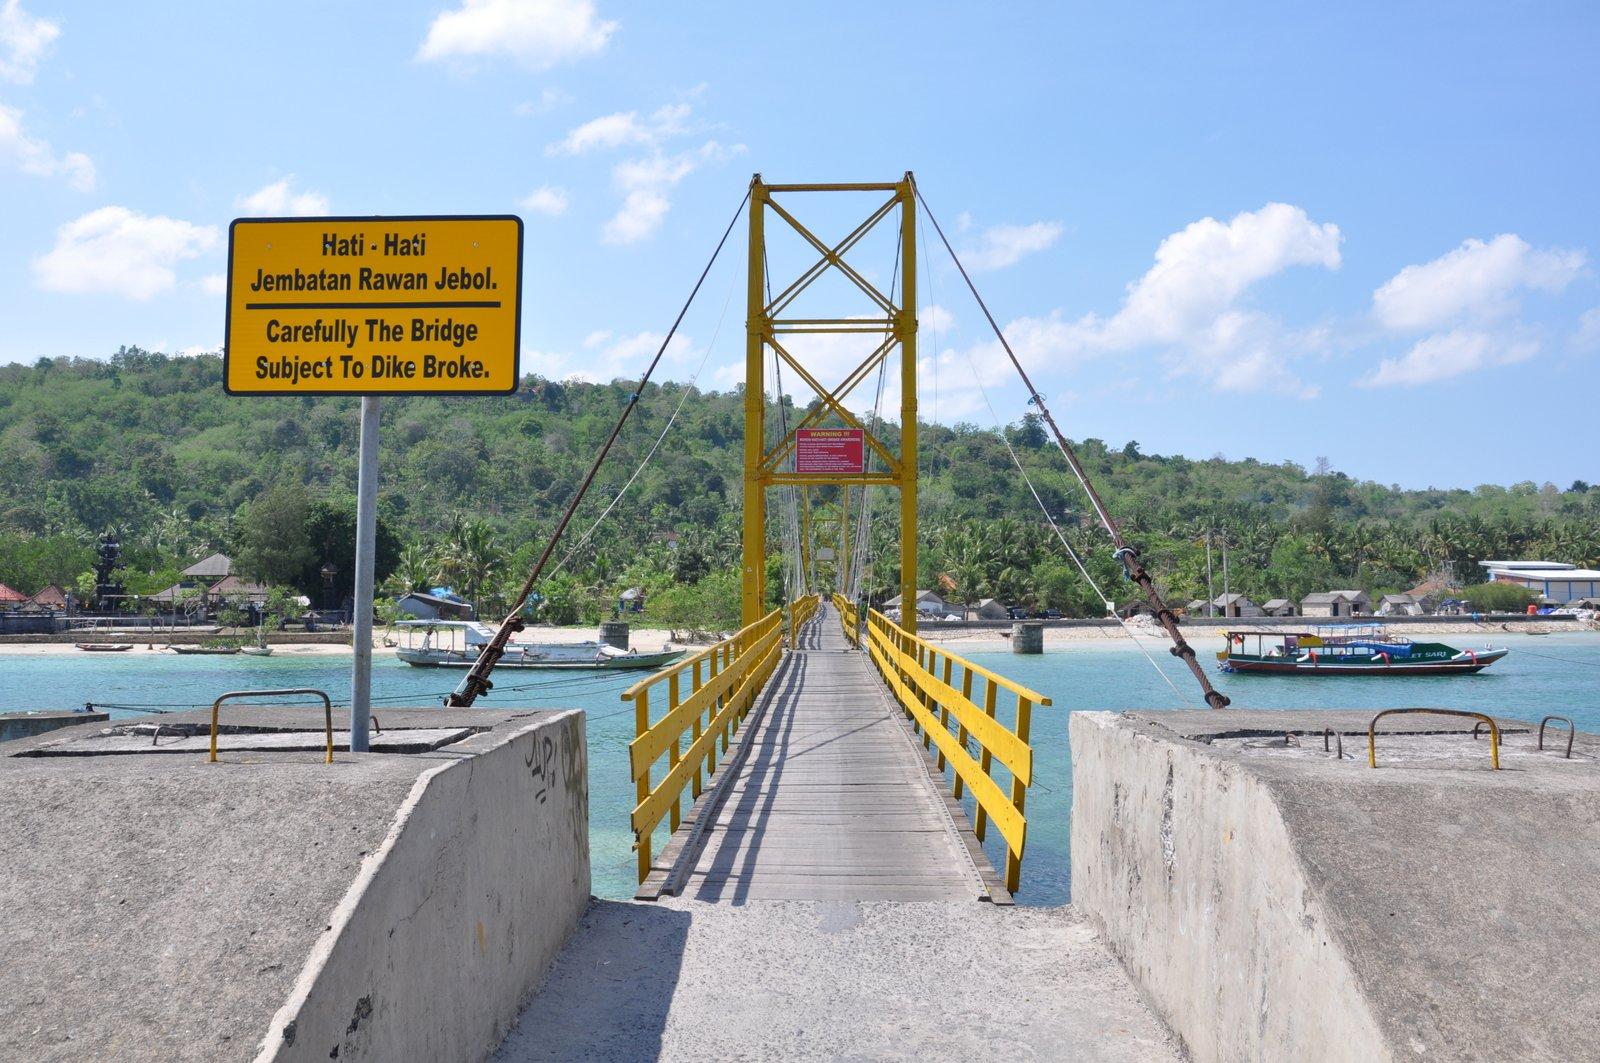 El puente amarillo que conectaba las dos islas y se derrumbó